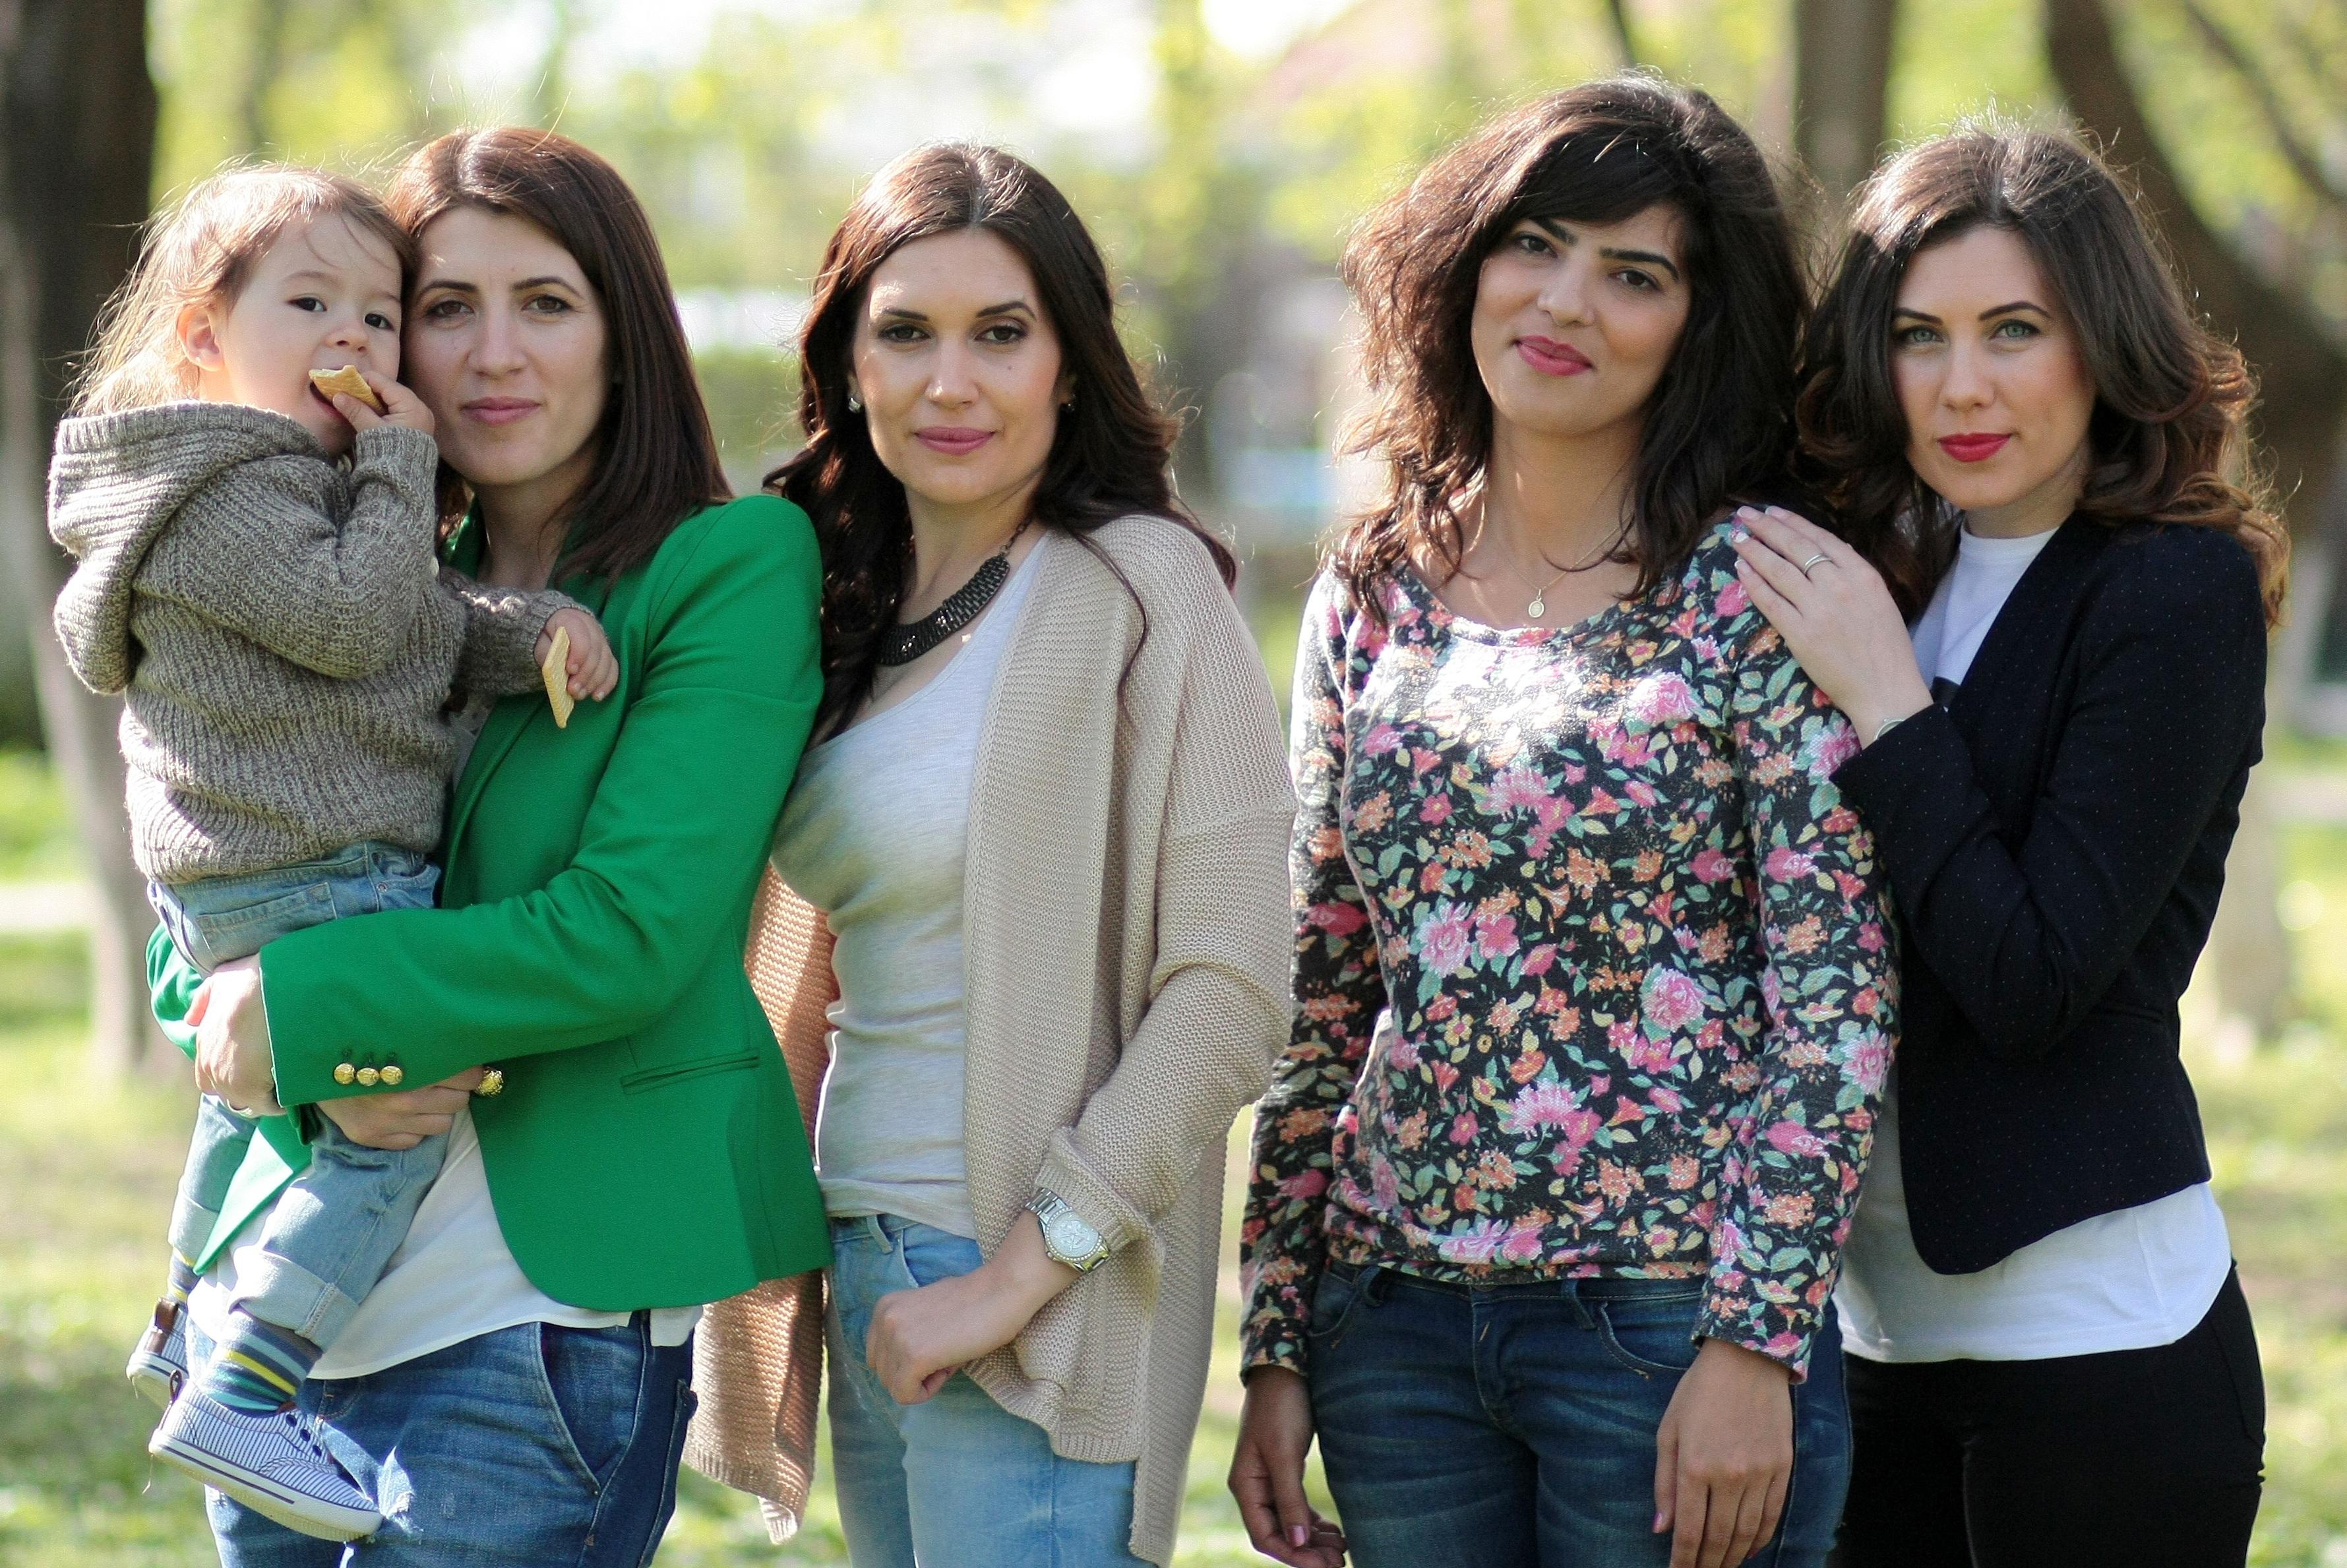 Family, Adorable, Aunt, Child, Friend, HQ Photo